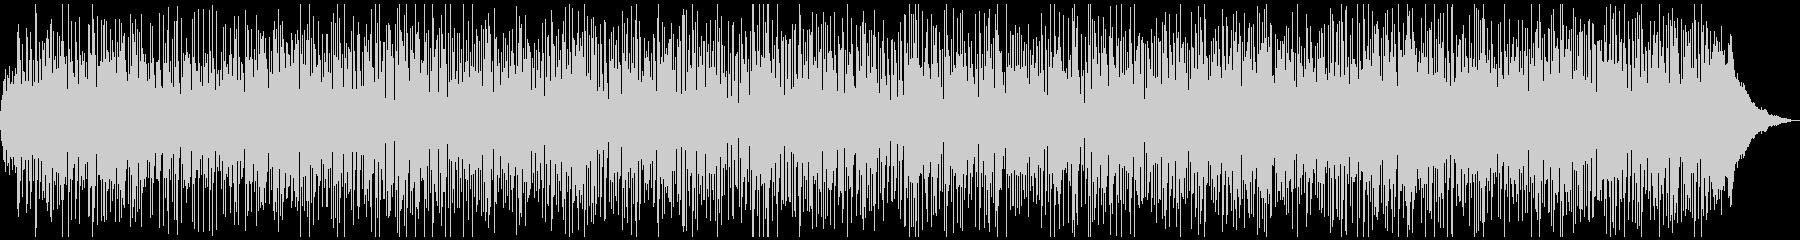 ゆったりストリングスのボサノバの未再生の波形